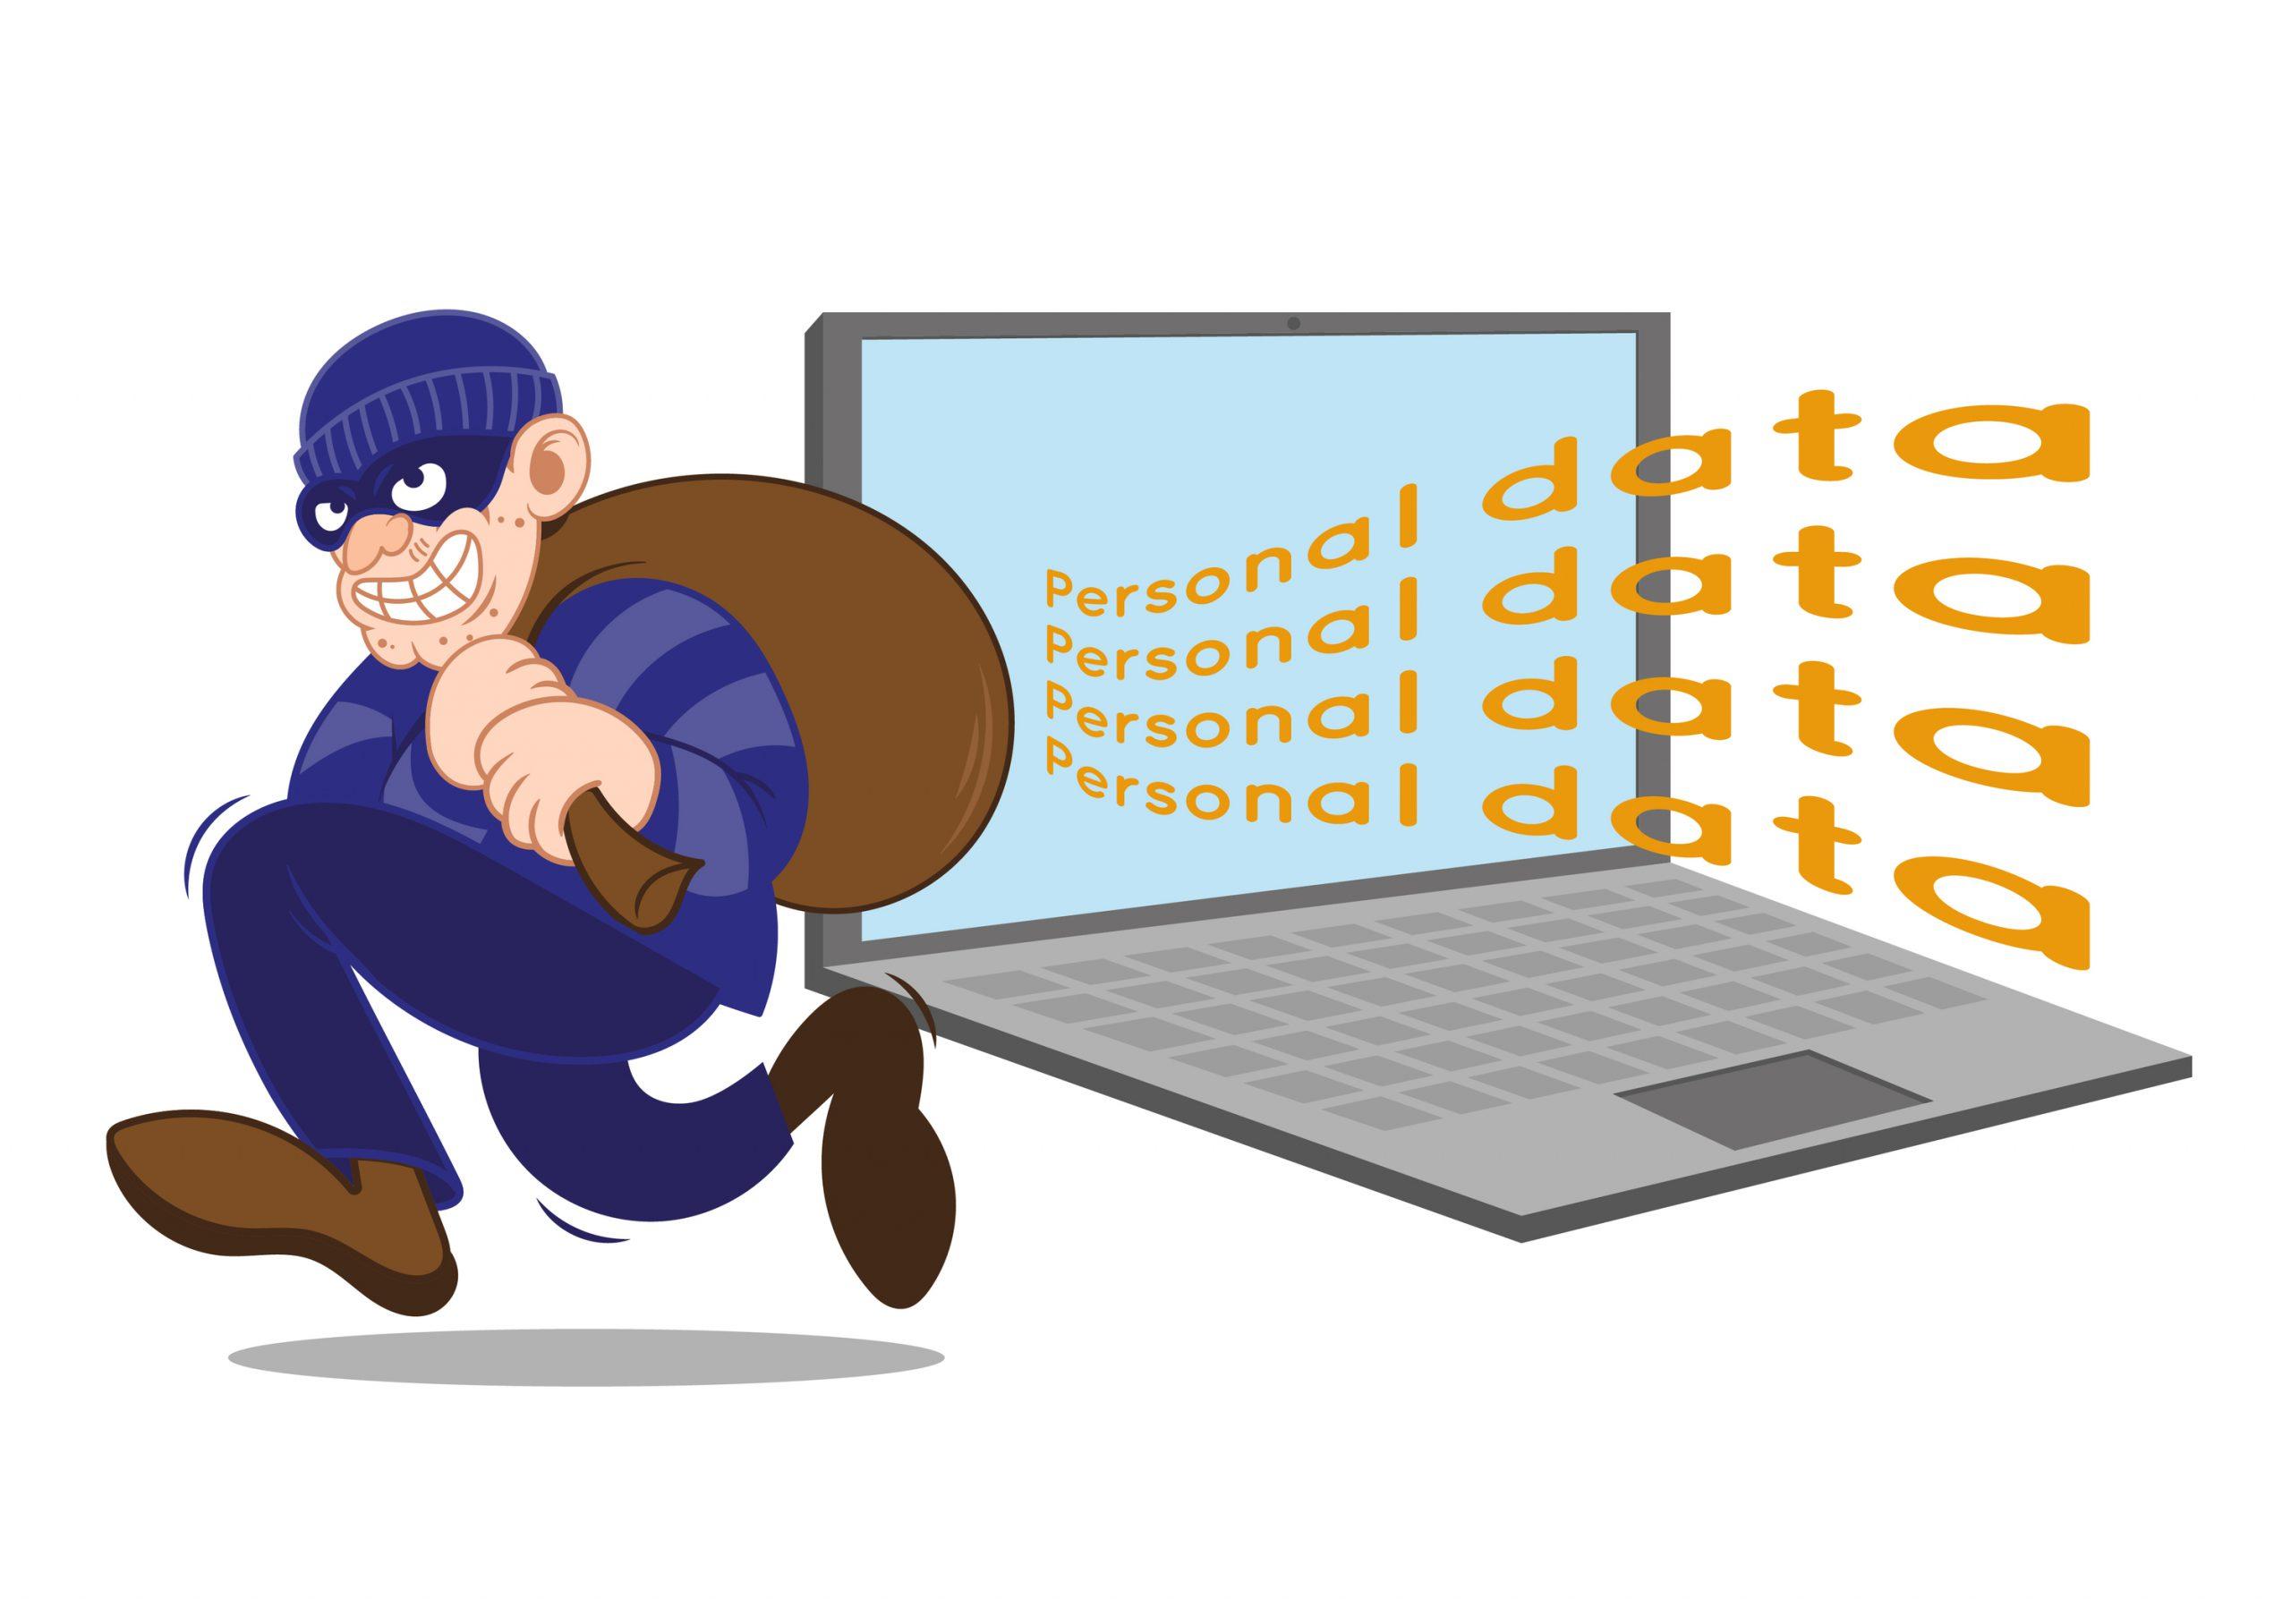 BS_Insidious thief hacker_Dovbush94_238757428